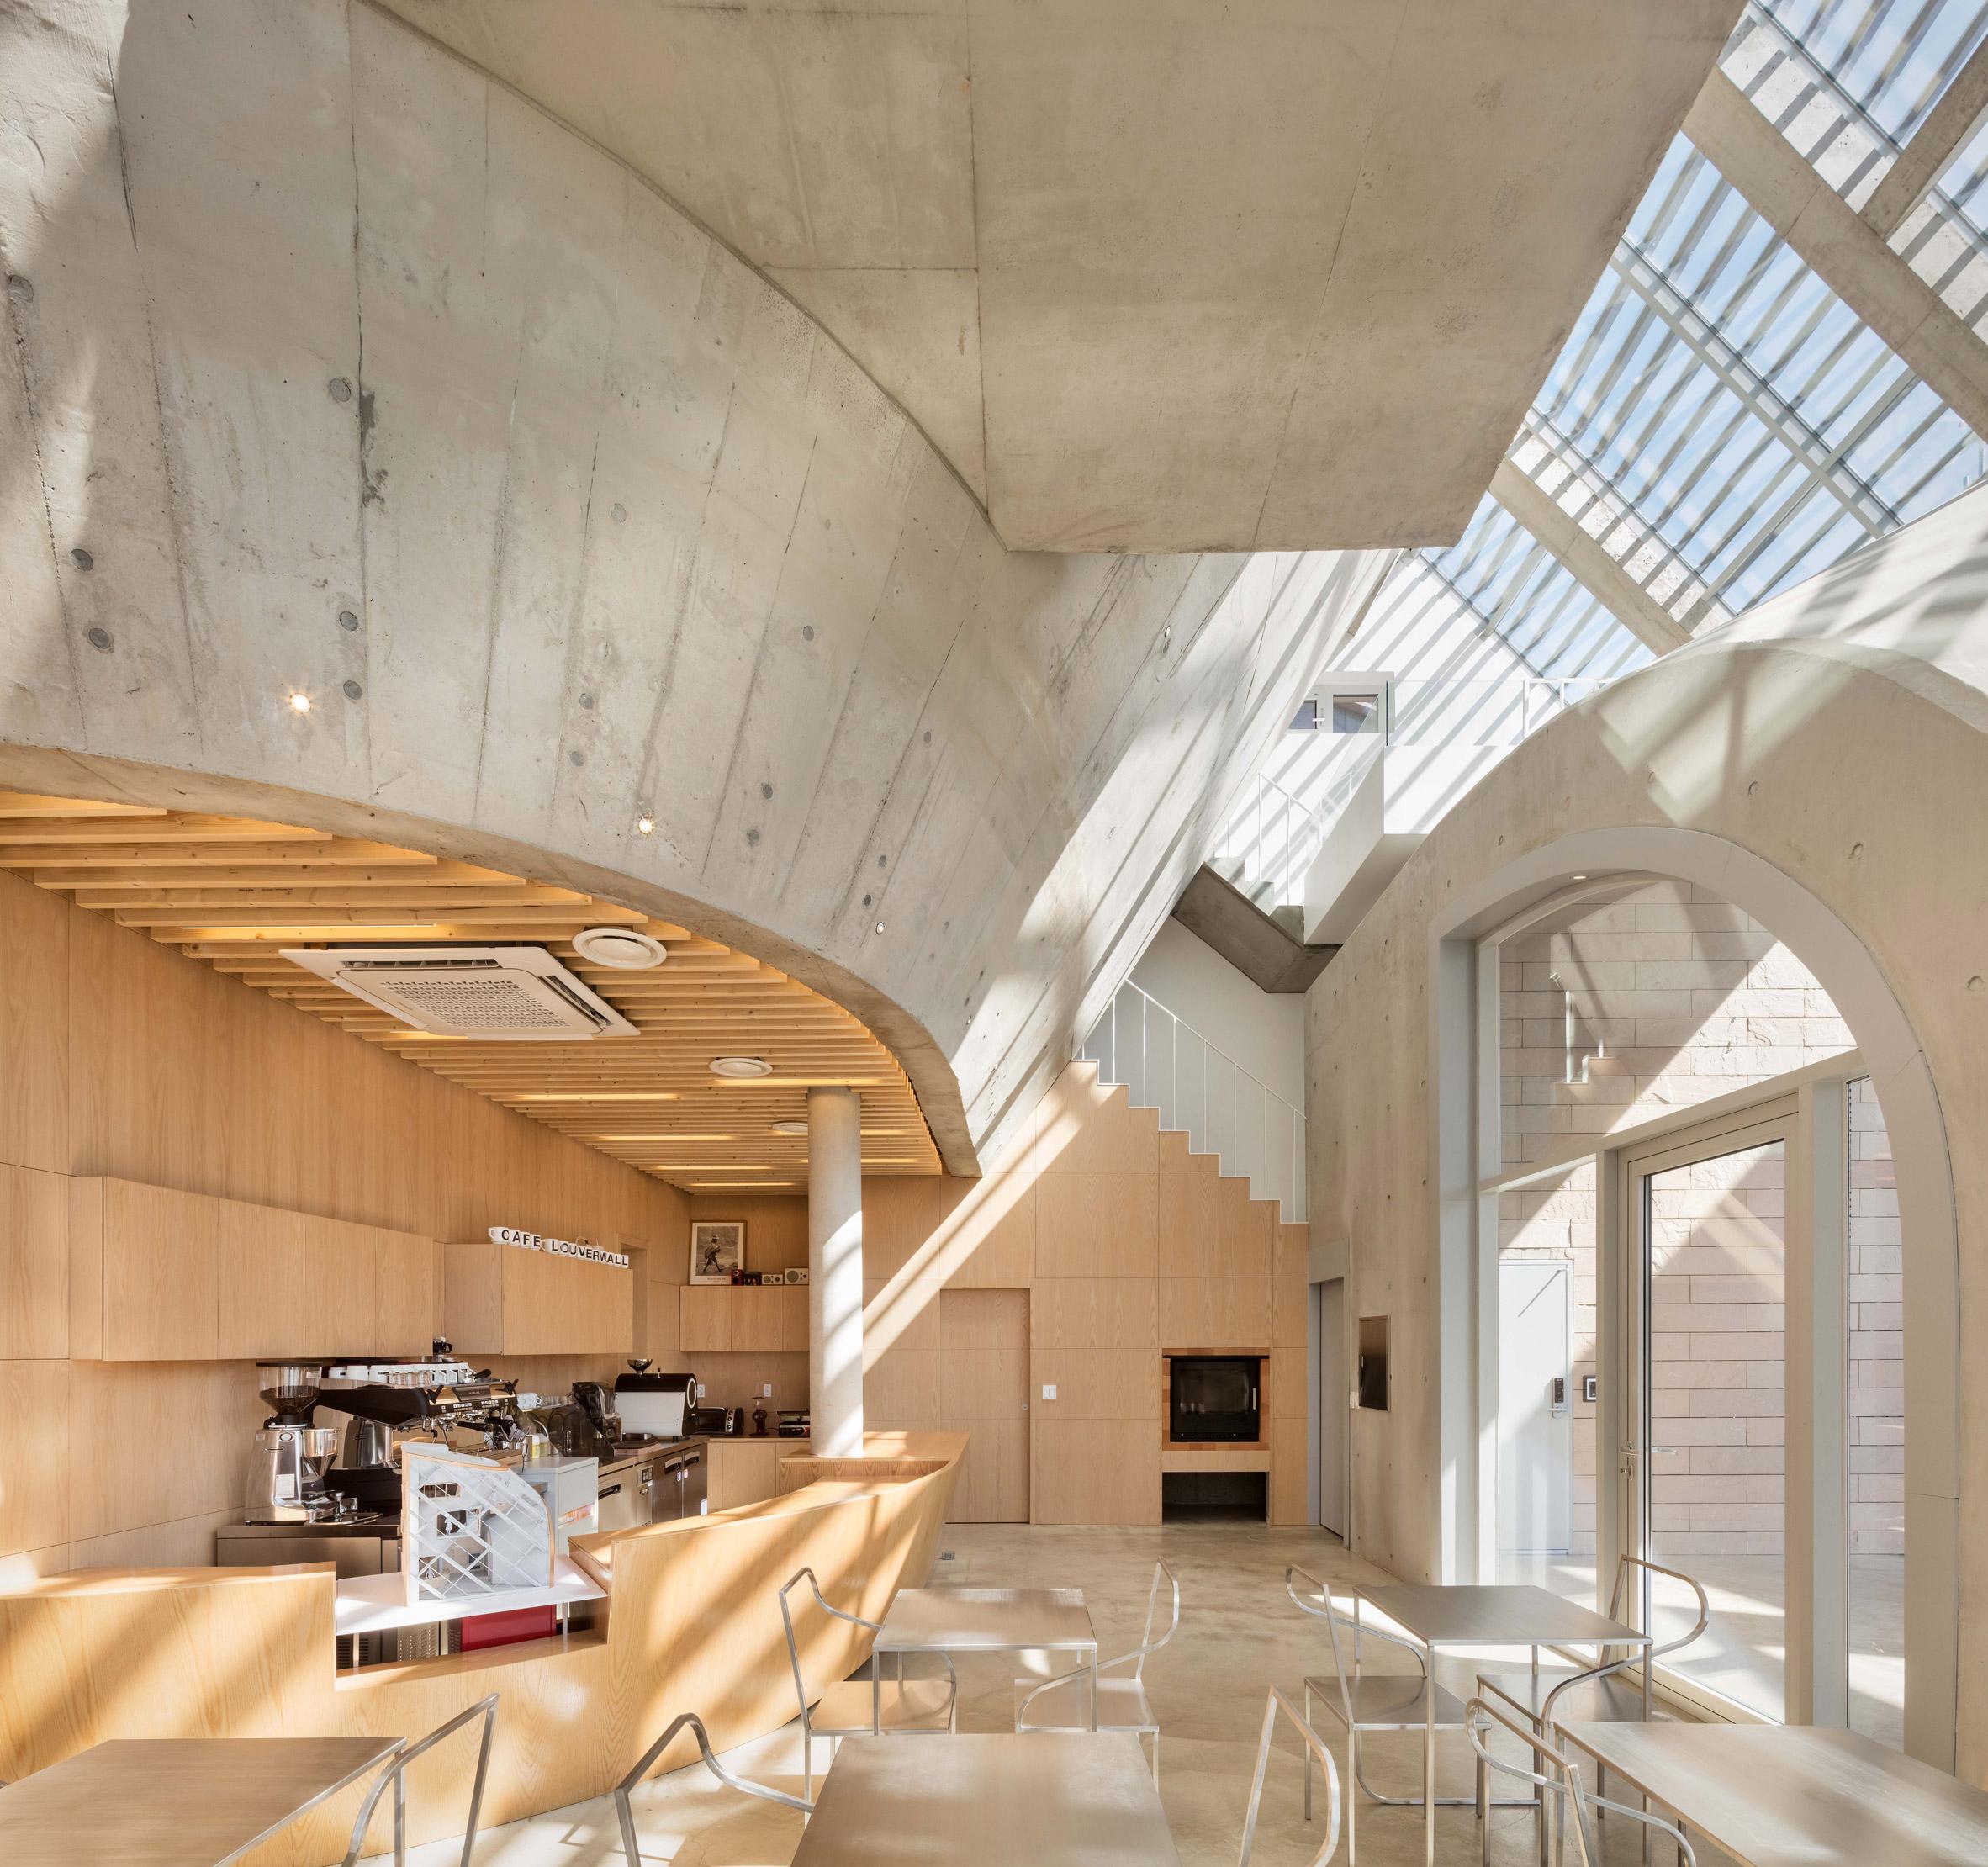 kiến trúc Hàn Quốc 6